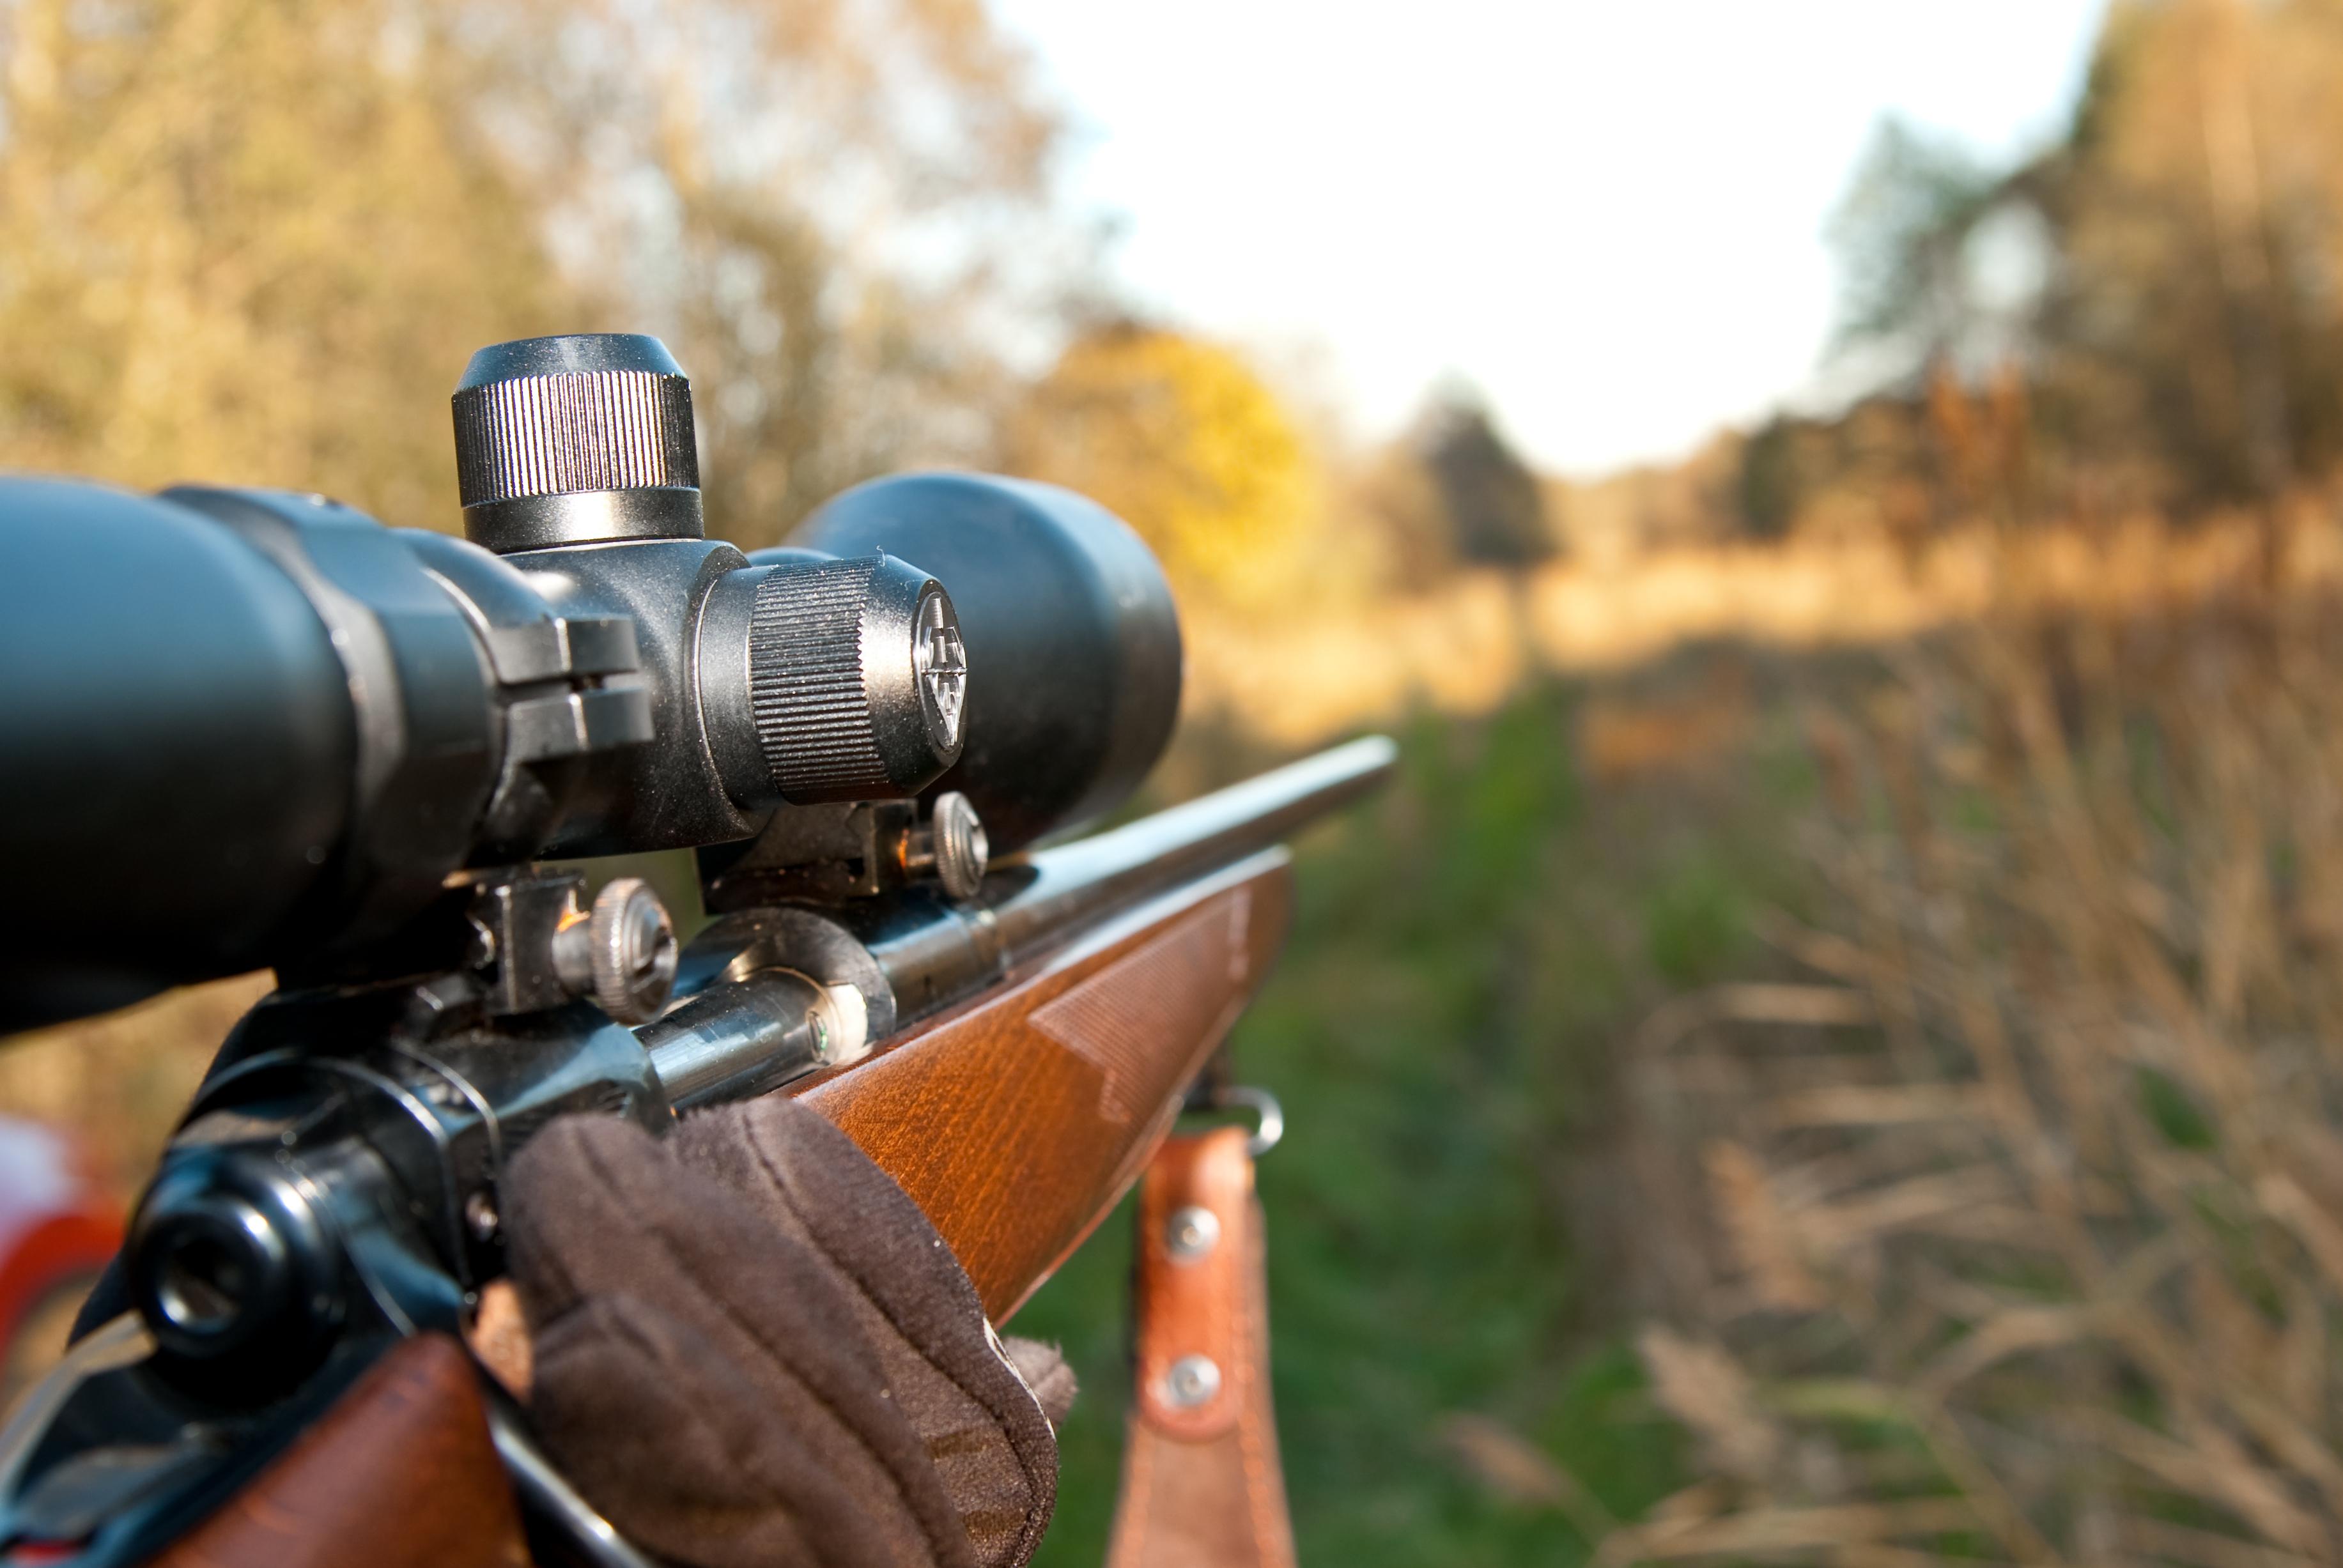 Scoped rifle pointing downrange